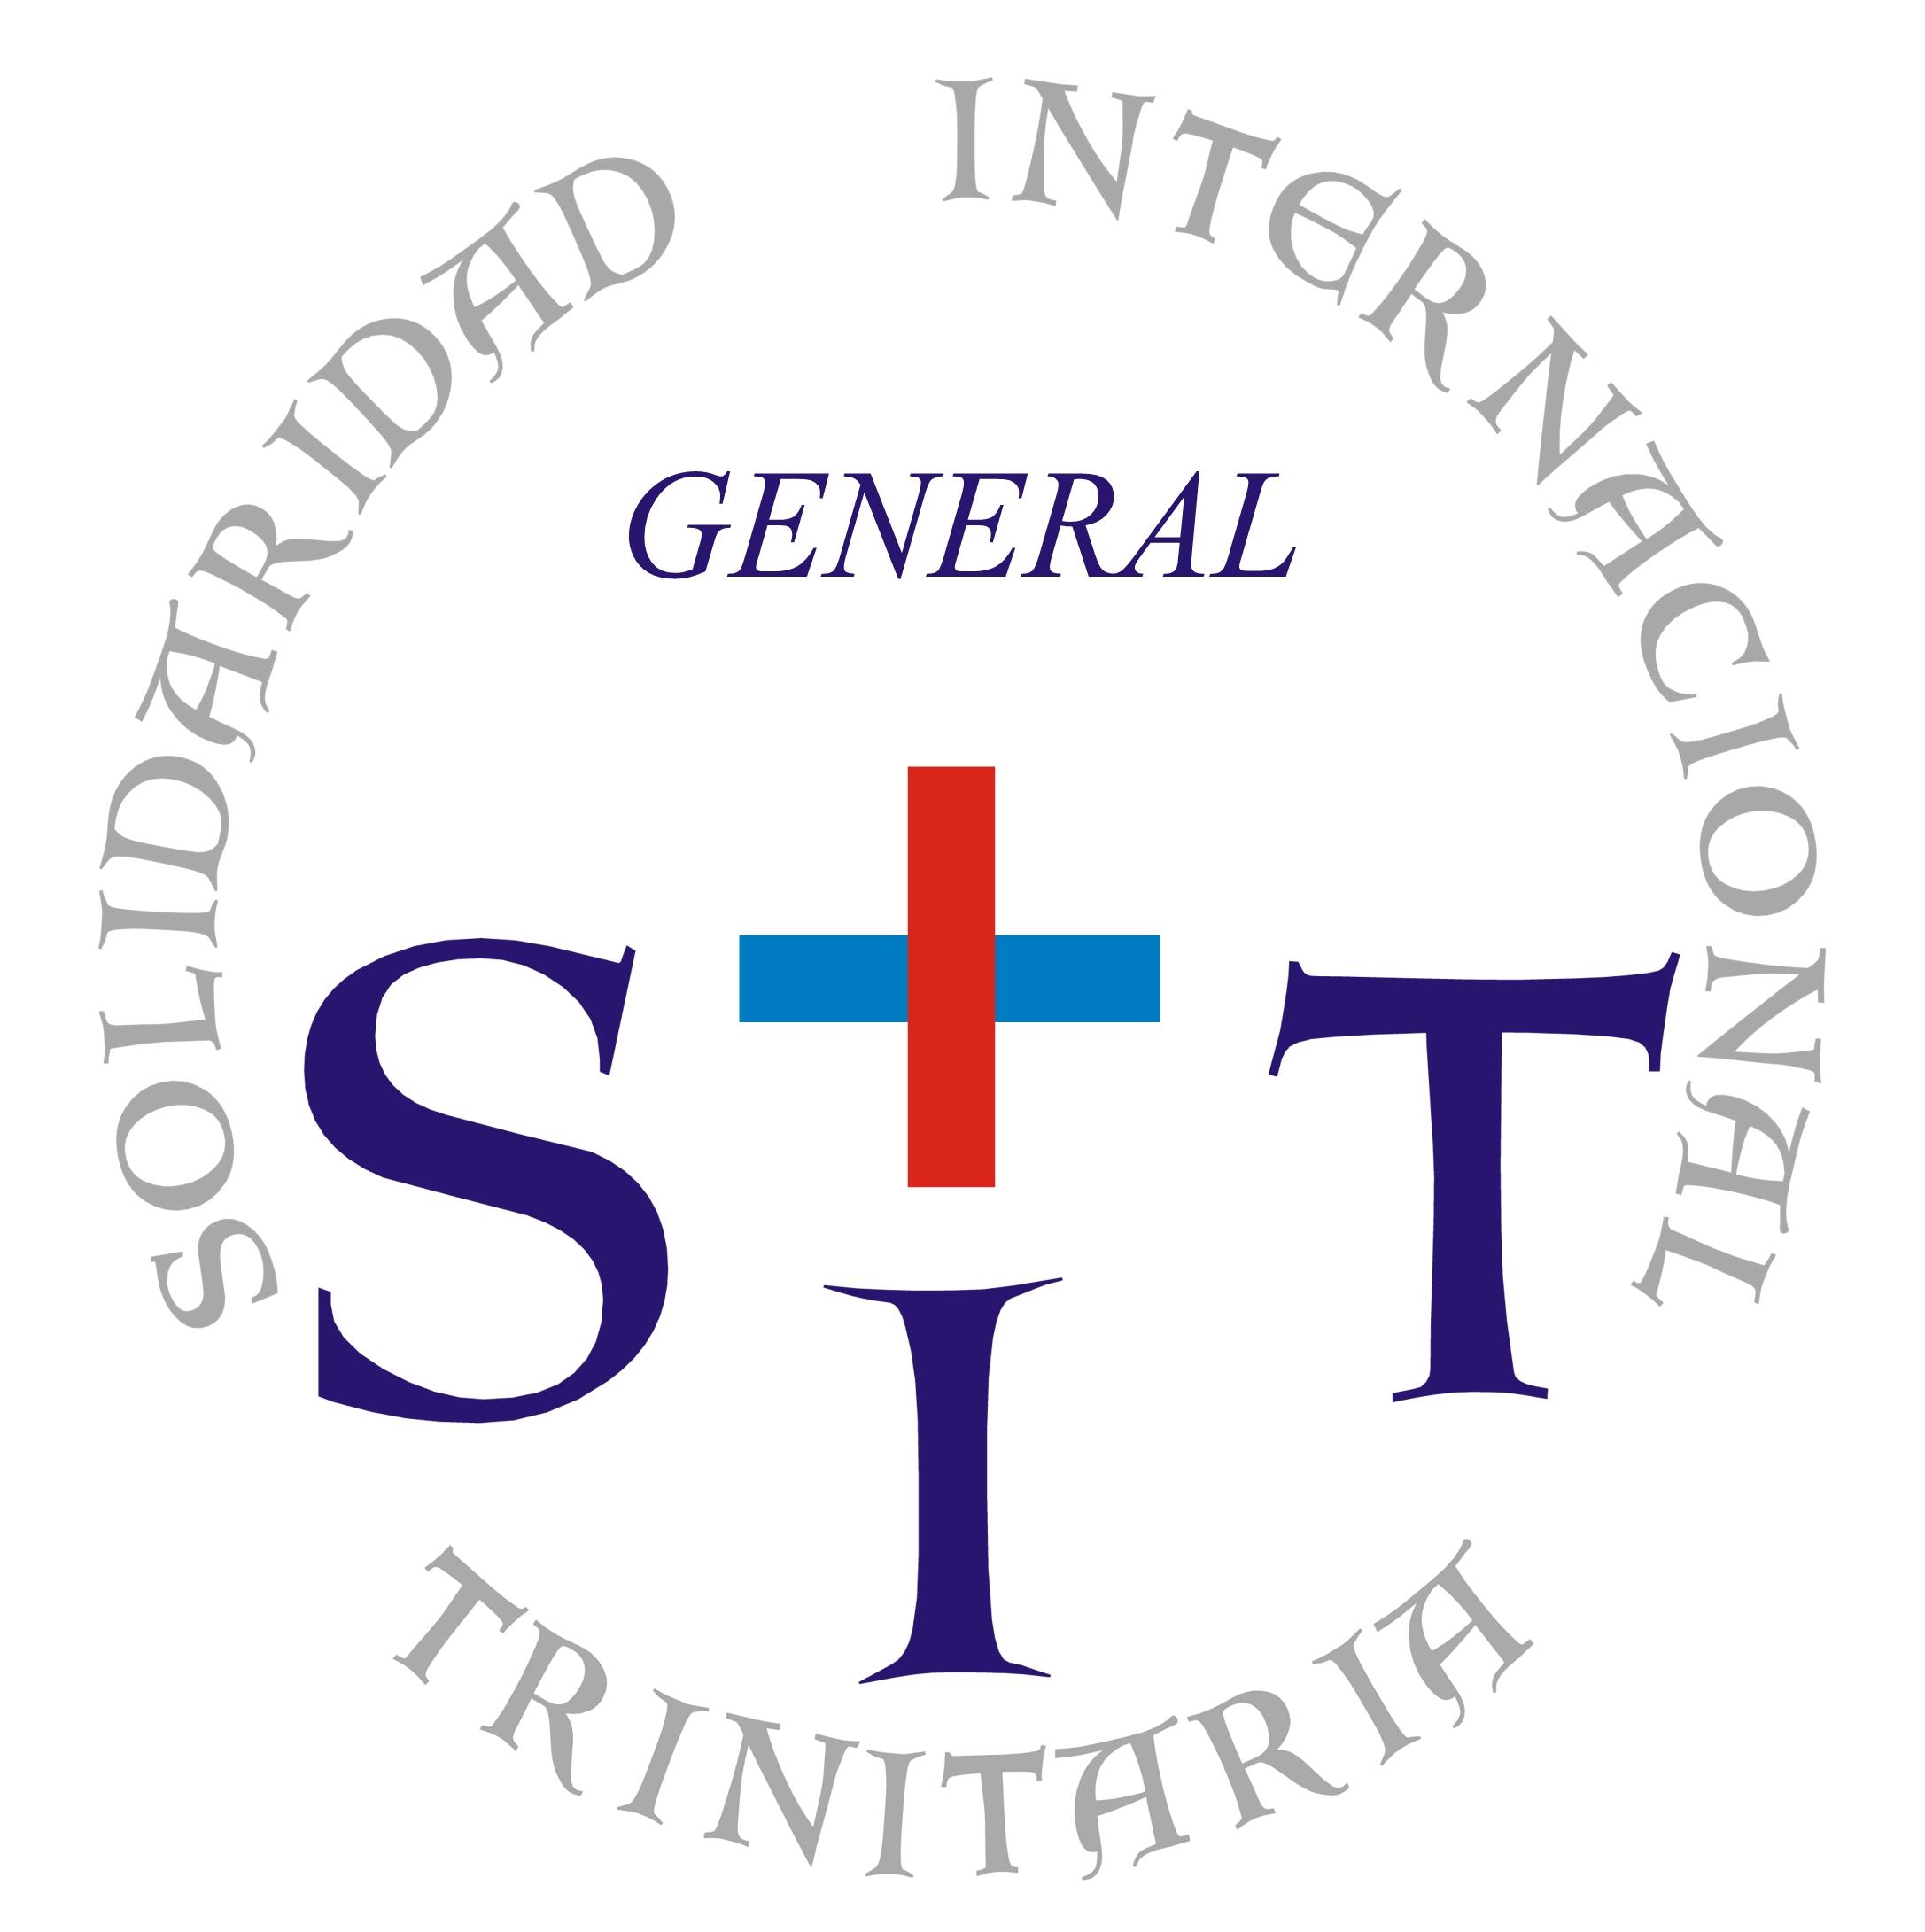 Solidaridad Internacional Trinitaria (C)